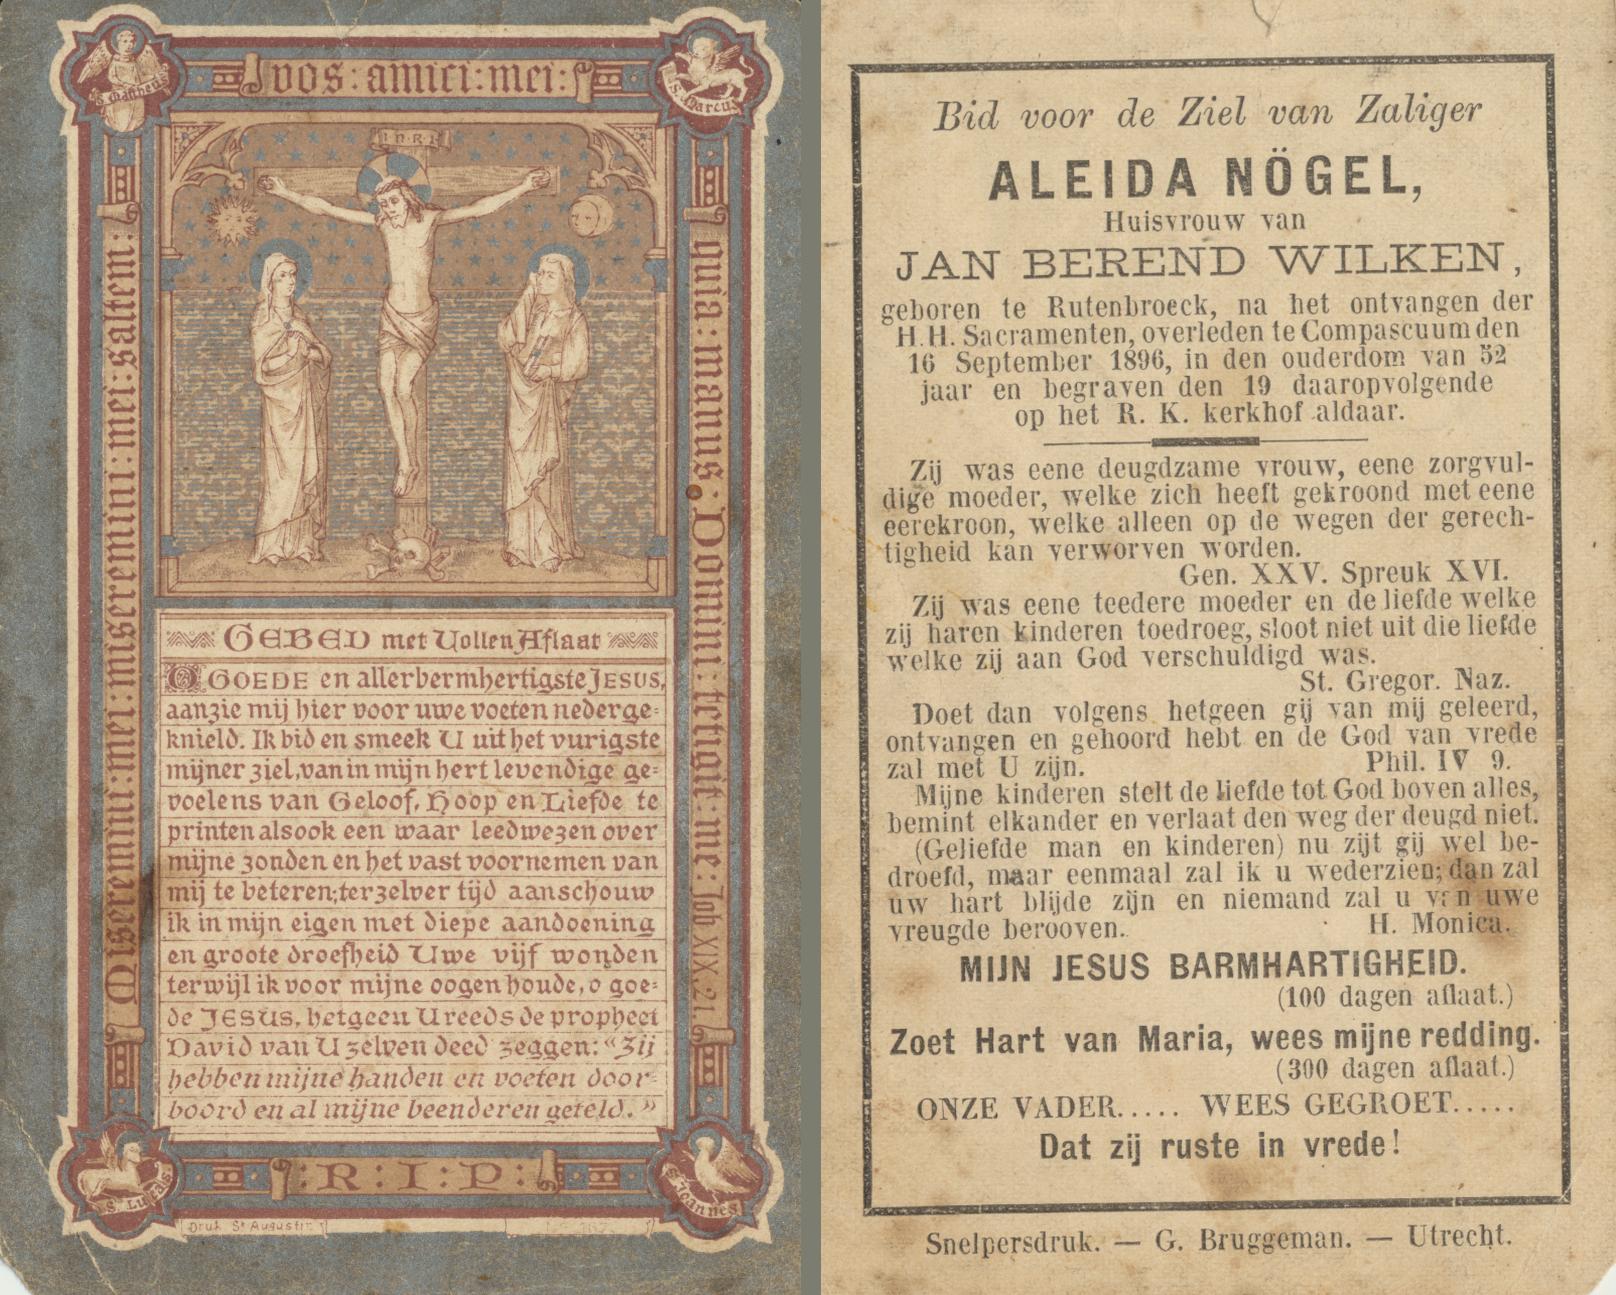 anna-aleida-nogel-1844-1896 bidprentje